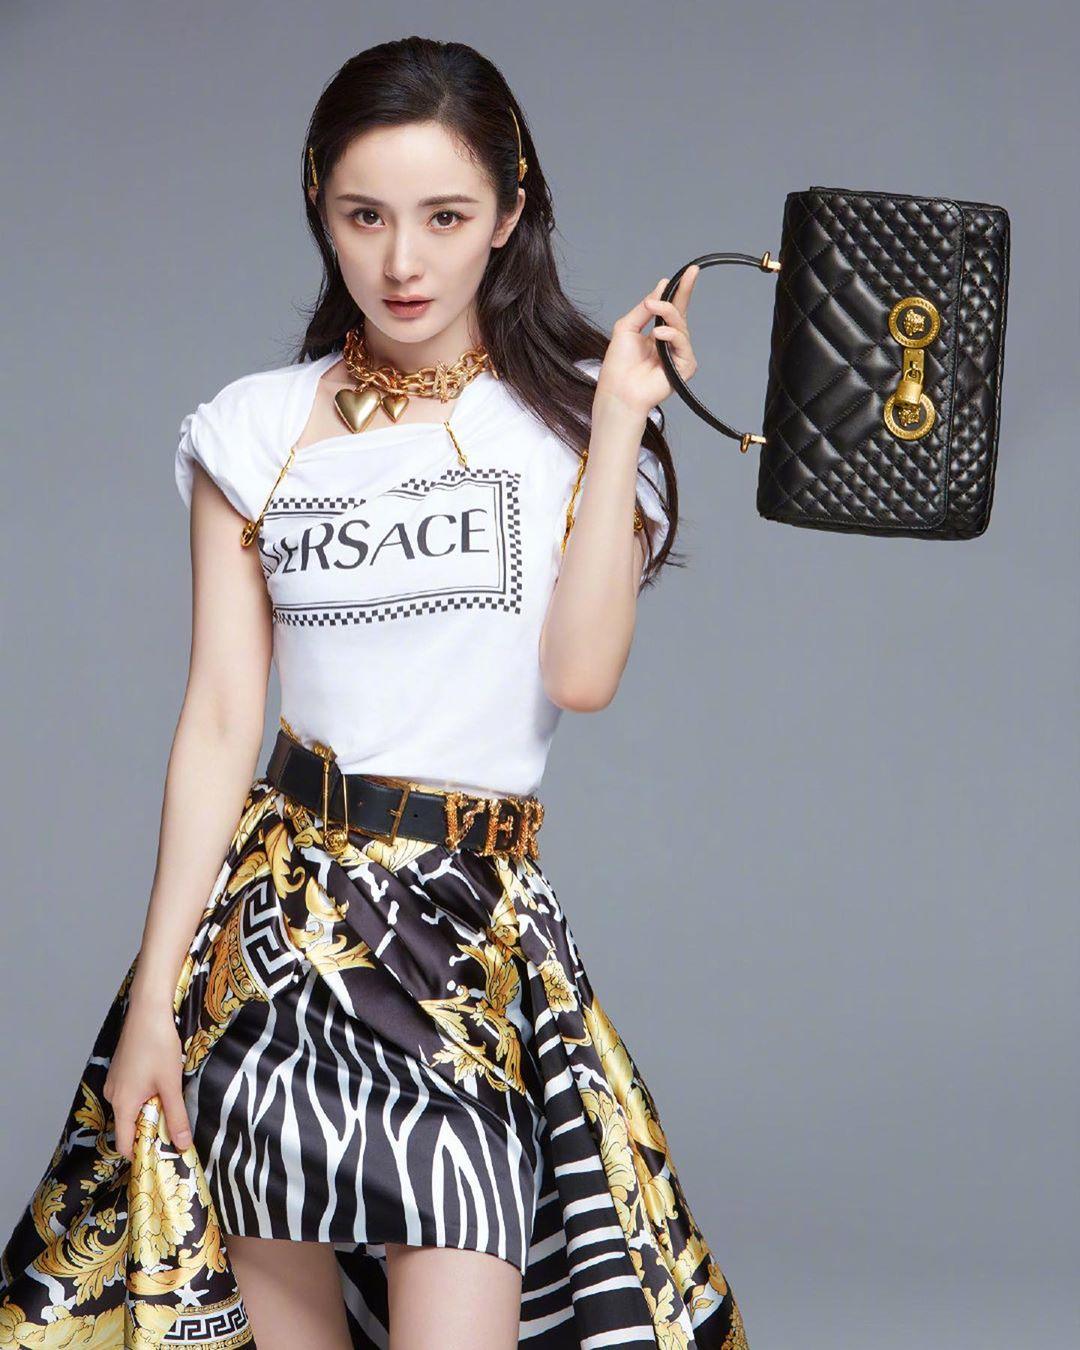 Dương Mịch mặc áo trắng kết hợp cùng chân váy và mang túi xách đen của Versace